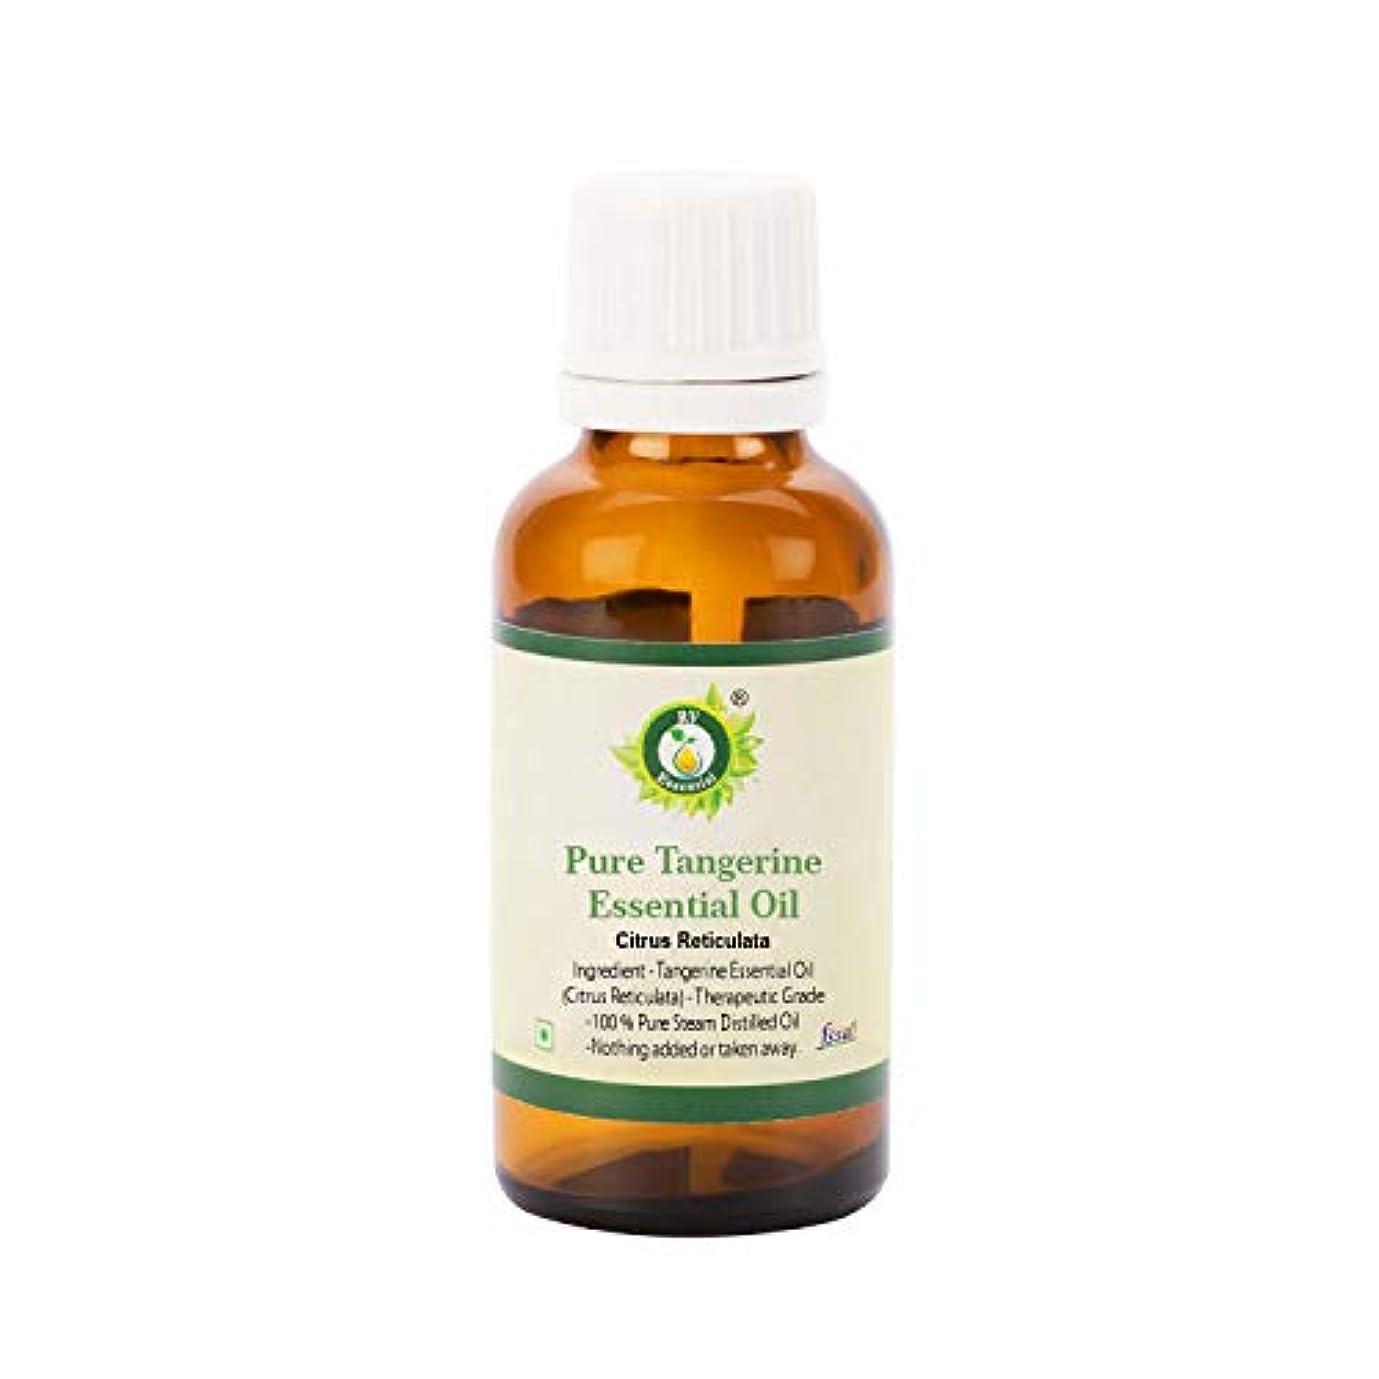 部分的に絶縁するフクロウR V Essential ピュアタンジェリンエッセンシャルオイル50ml (1.69oz)- Citrus Reticulata (100%純粋&天然スチームDistilled) Pure Tangerine Essential...